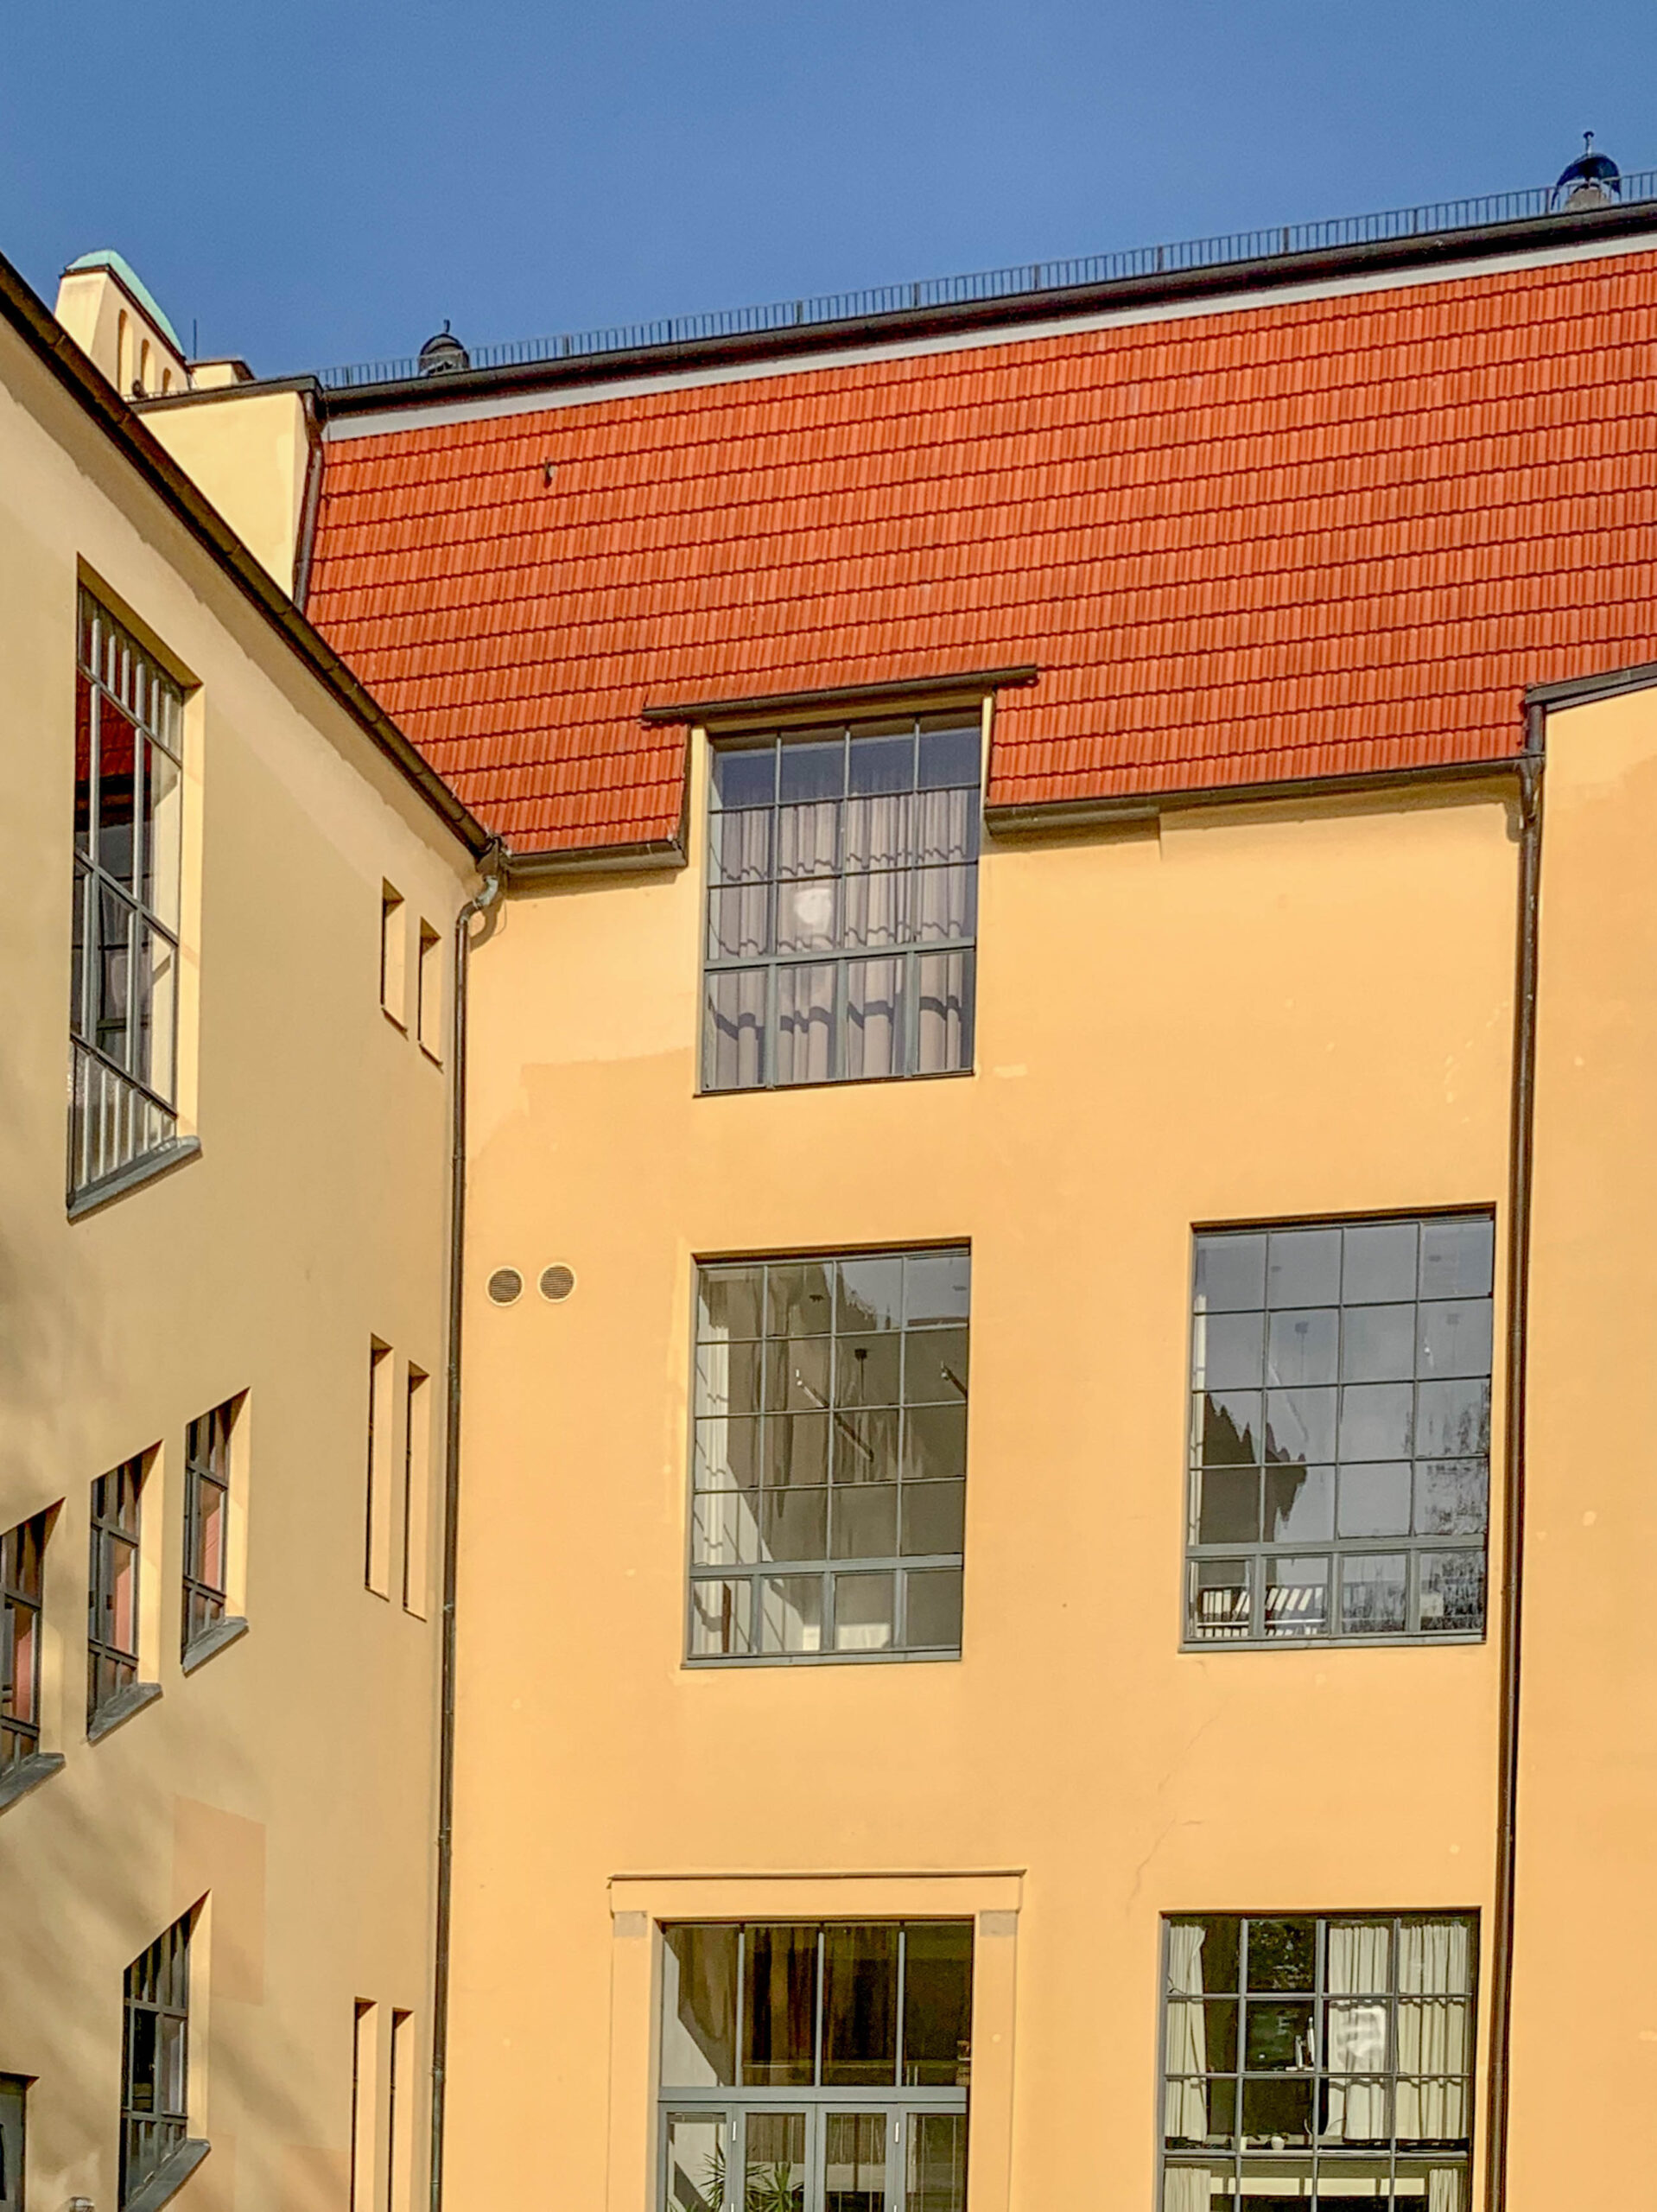 Art School, 1904-1911. Architect: Henry van de Velde